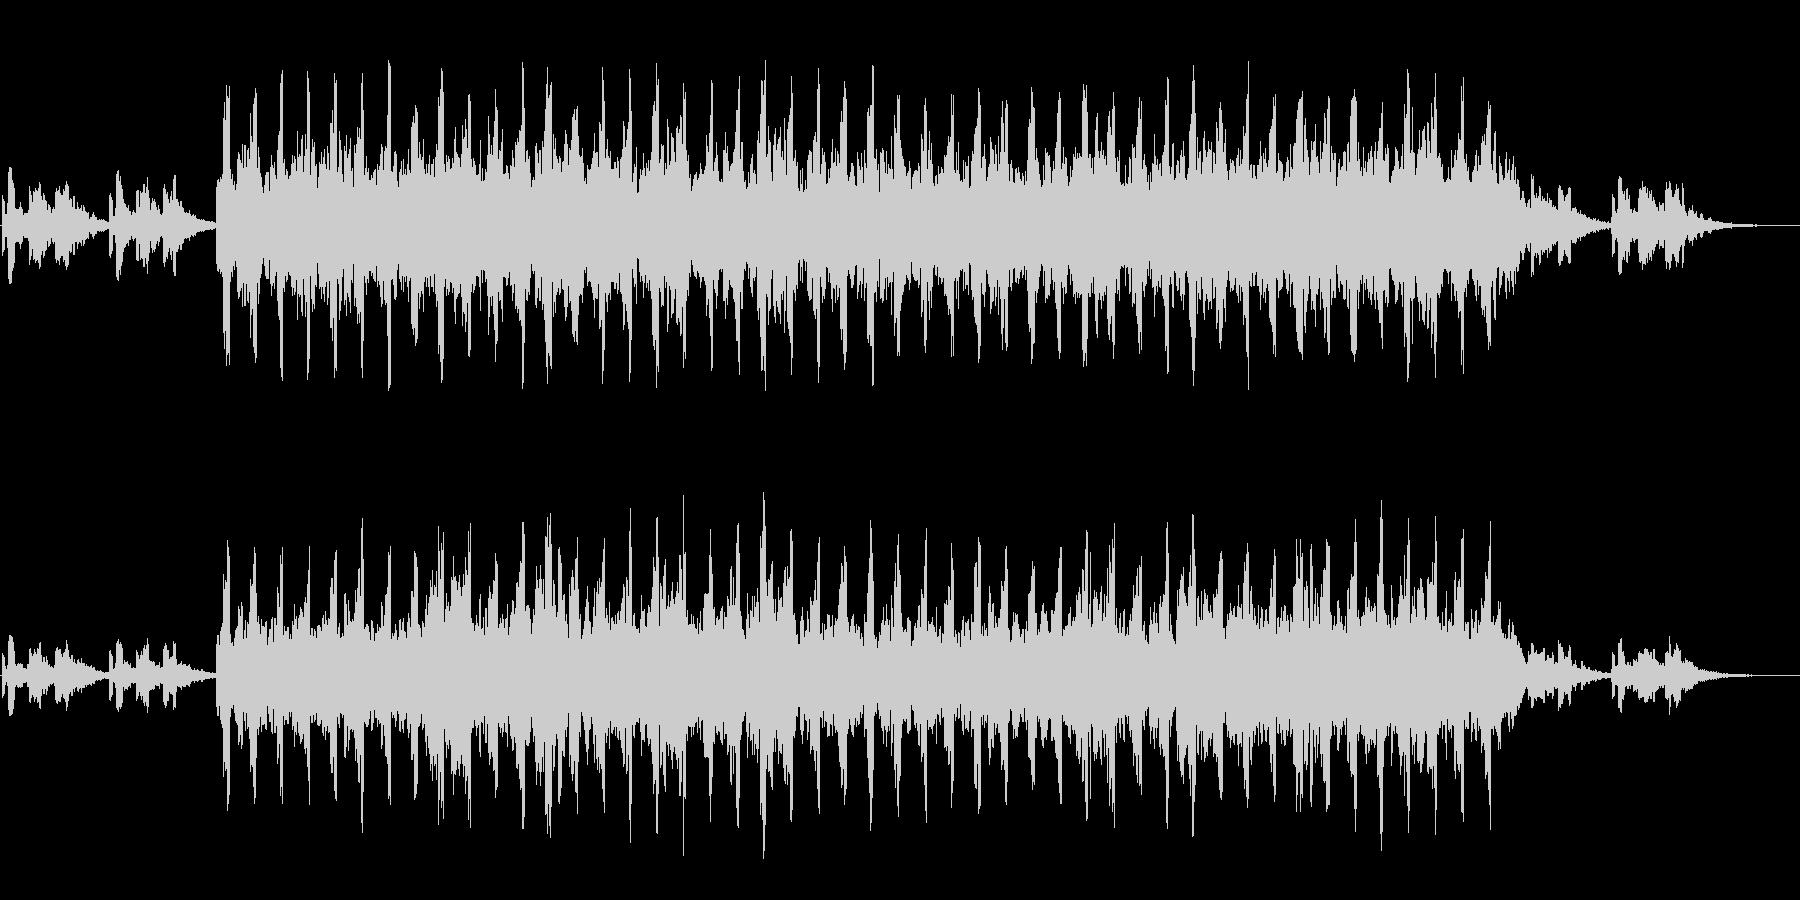 キュートなシンセによるミニマル系BGMの未再生の波形